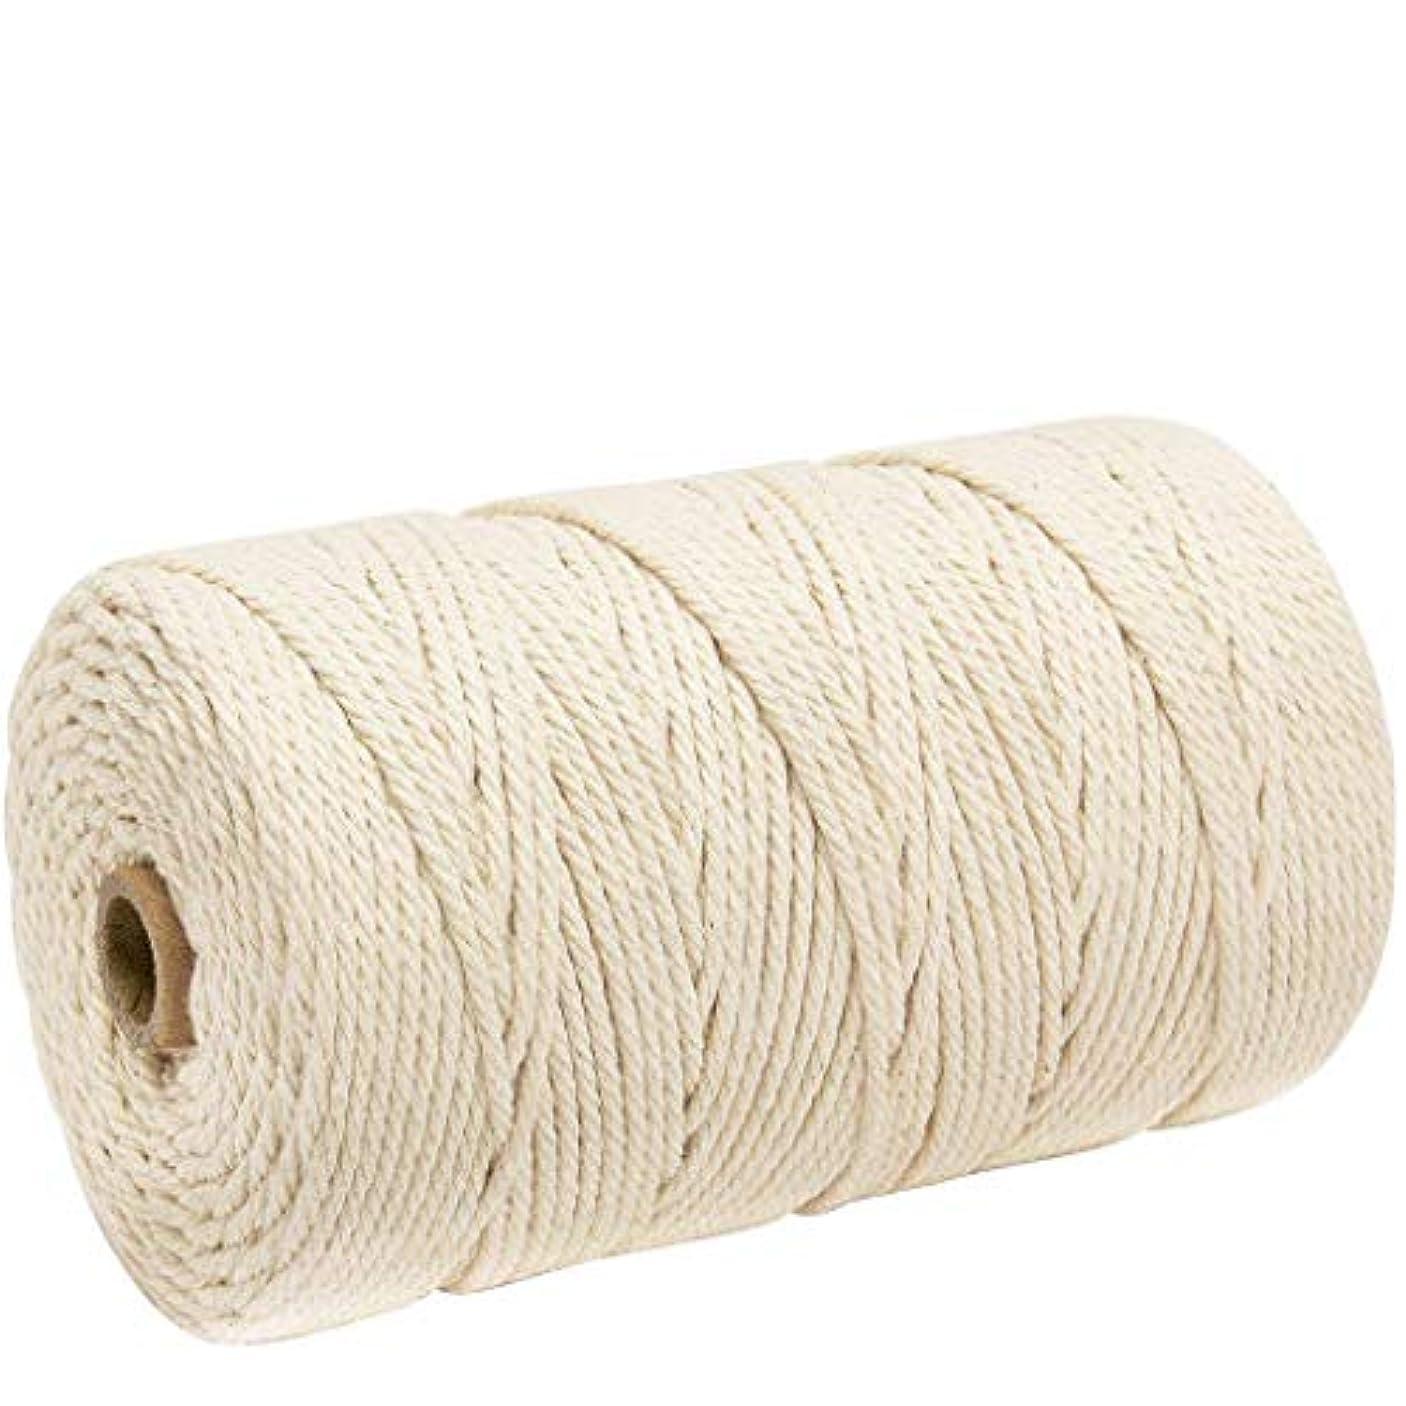 なんでもコンテンポラリー夕食を食べるナチュラルコットン マクラメ ロープ 紐 糸 手作り編み糸 綿 DIY壁掛けハンガークラフト編みコードロープ 3㎜ 200m (ライスホワイト)